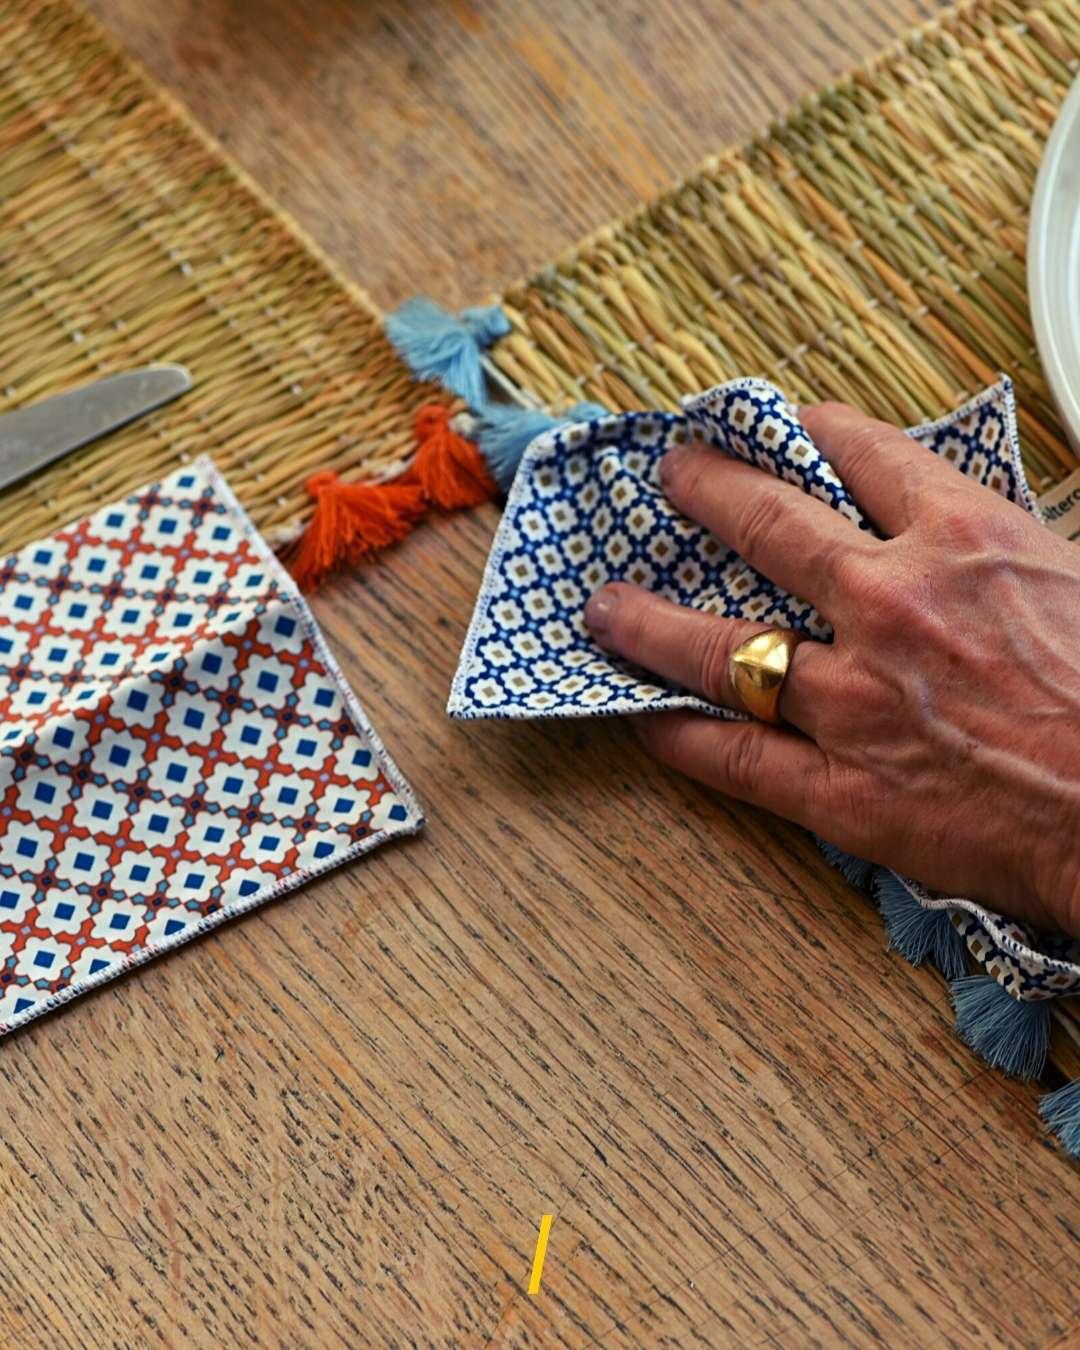 Les serviettes de table ecologiques - Alterosac